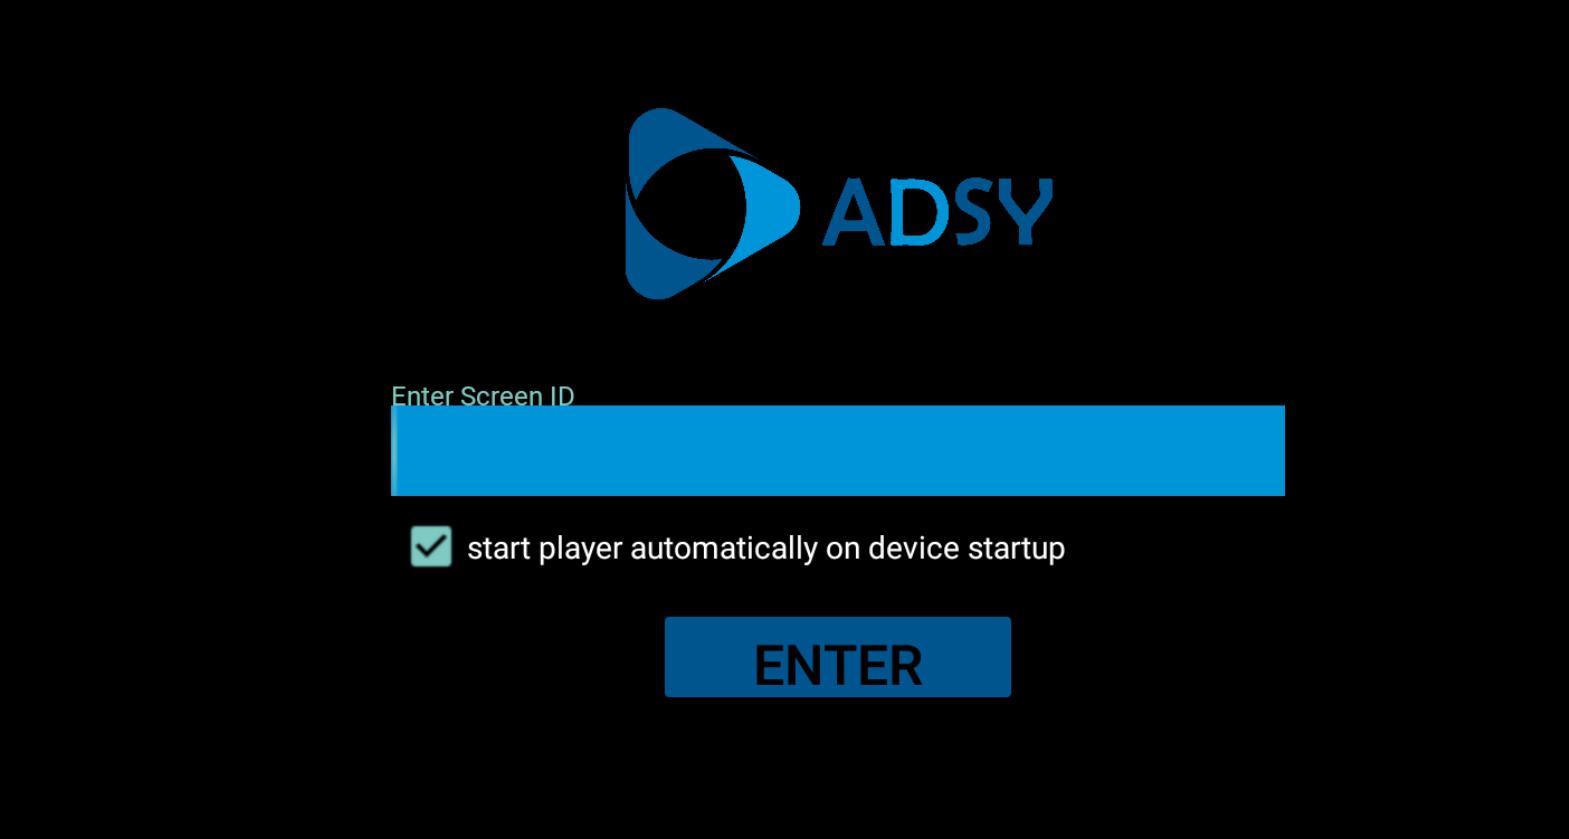 Adsy signage Screenshot